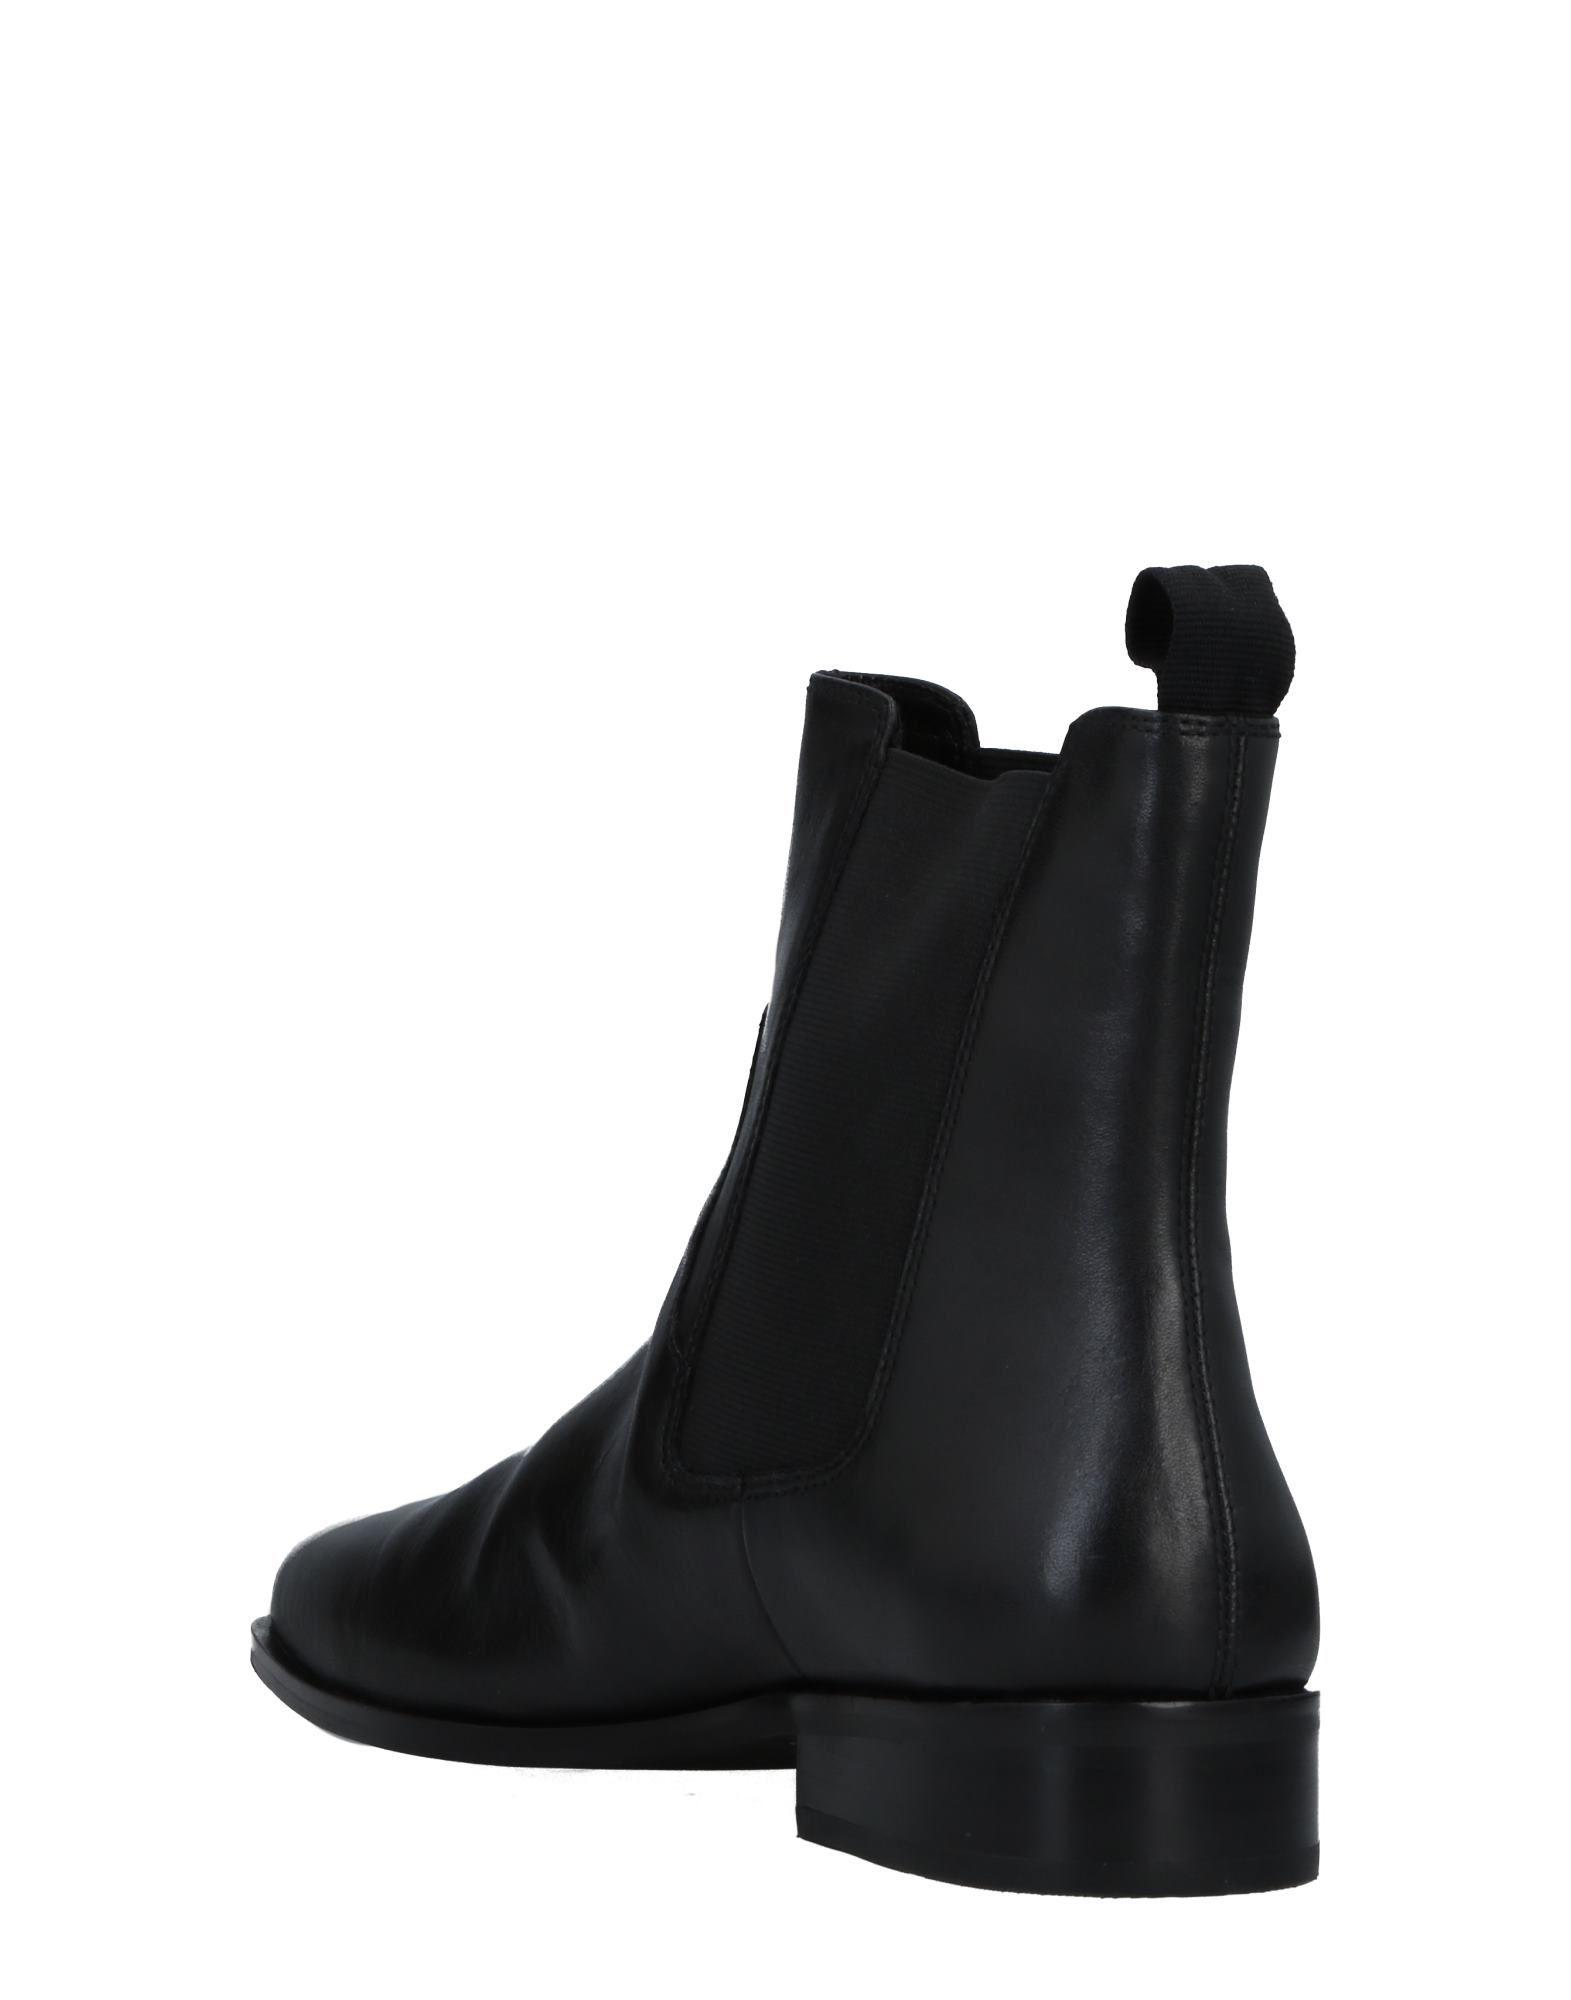 Rabatt echte Schuhe Vagabond Schuhemakers Stiefelette Herren Herren Herren 11516874VJ 3d778f